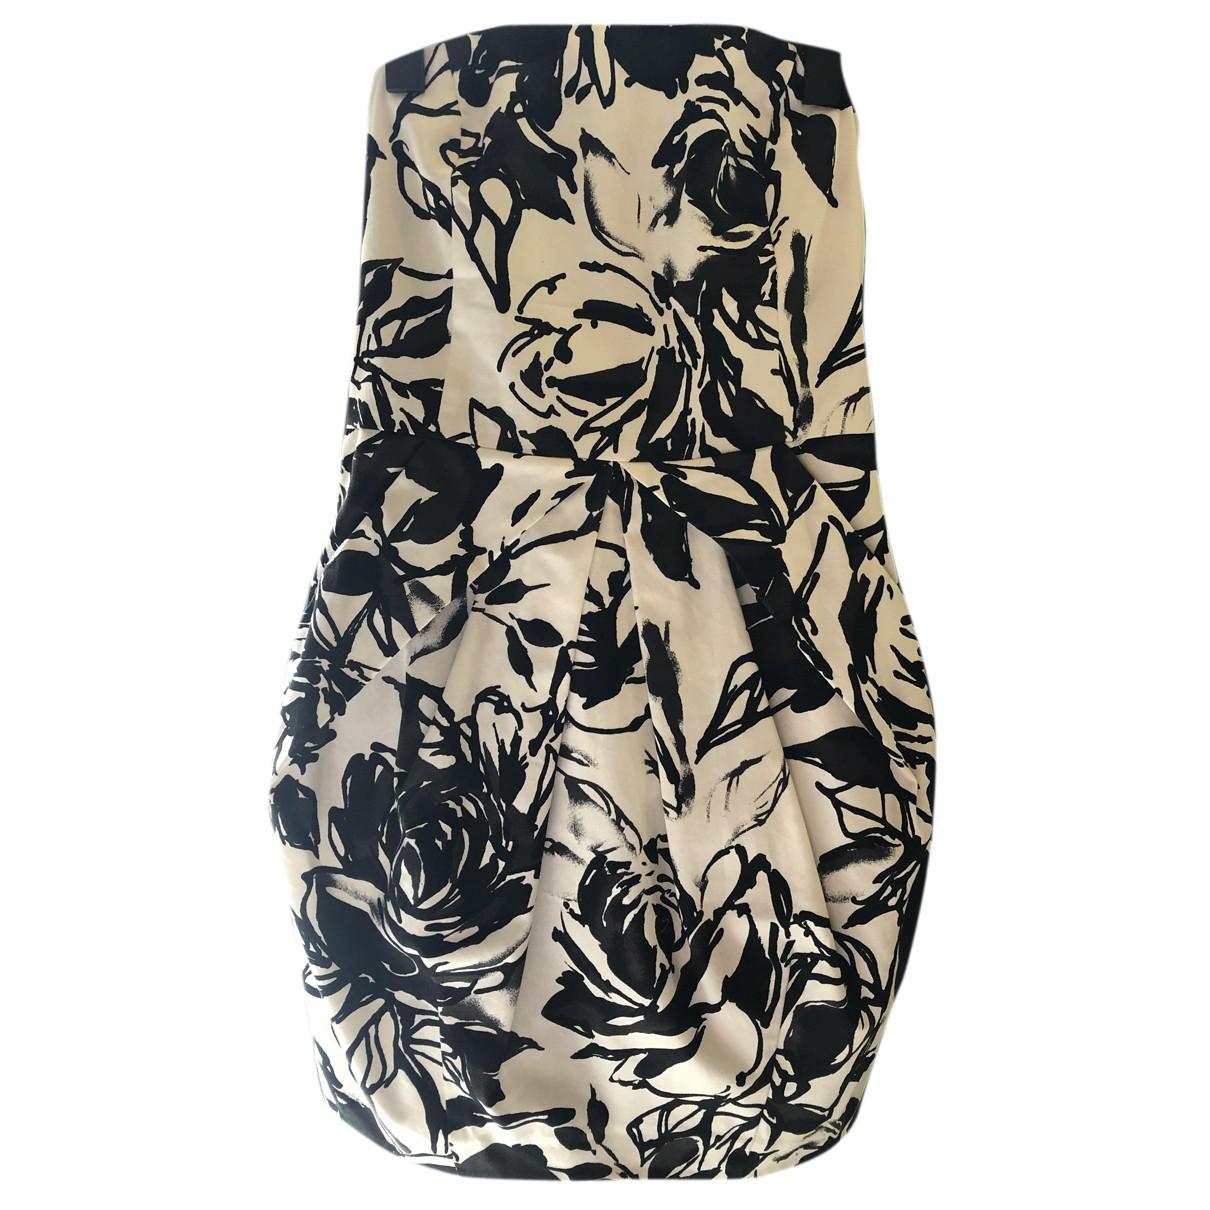 Pinko \N Kleid in Baumwolle - Elasthan